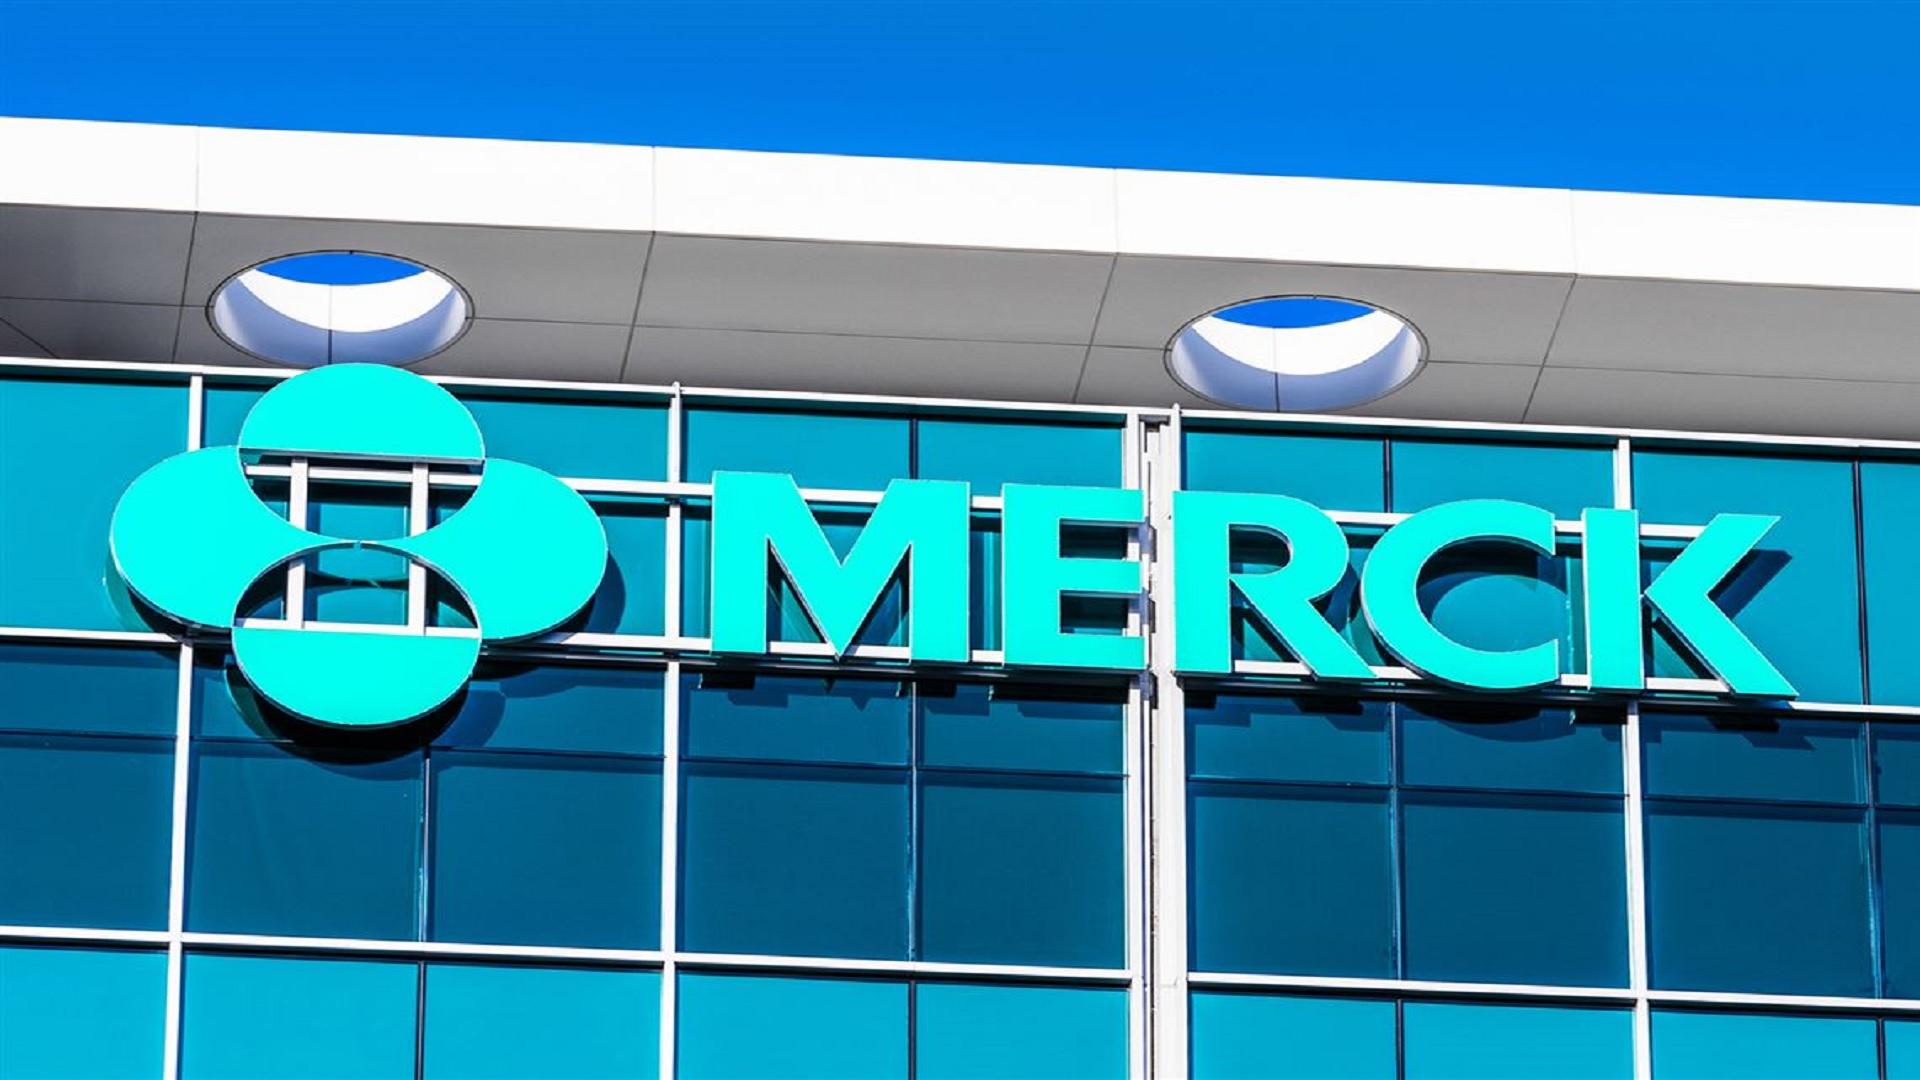 Κορωνοϊός εμβόλιο δοκιμή: Η Merck προωθεί εμβόλια μίας δόσης και από το στόμα